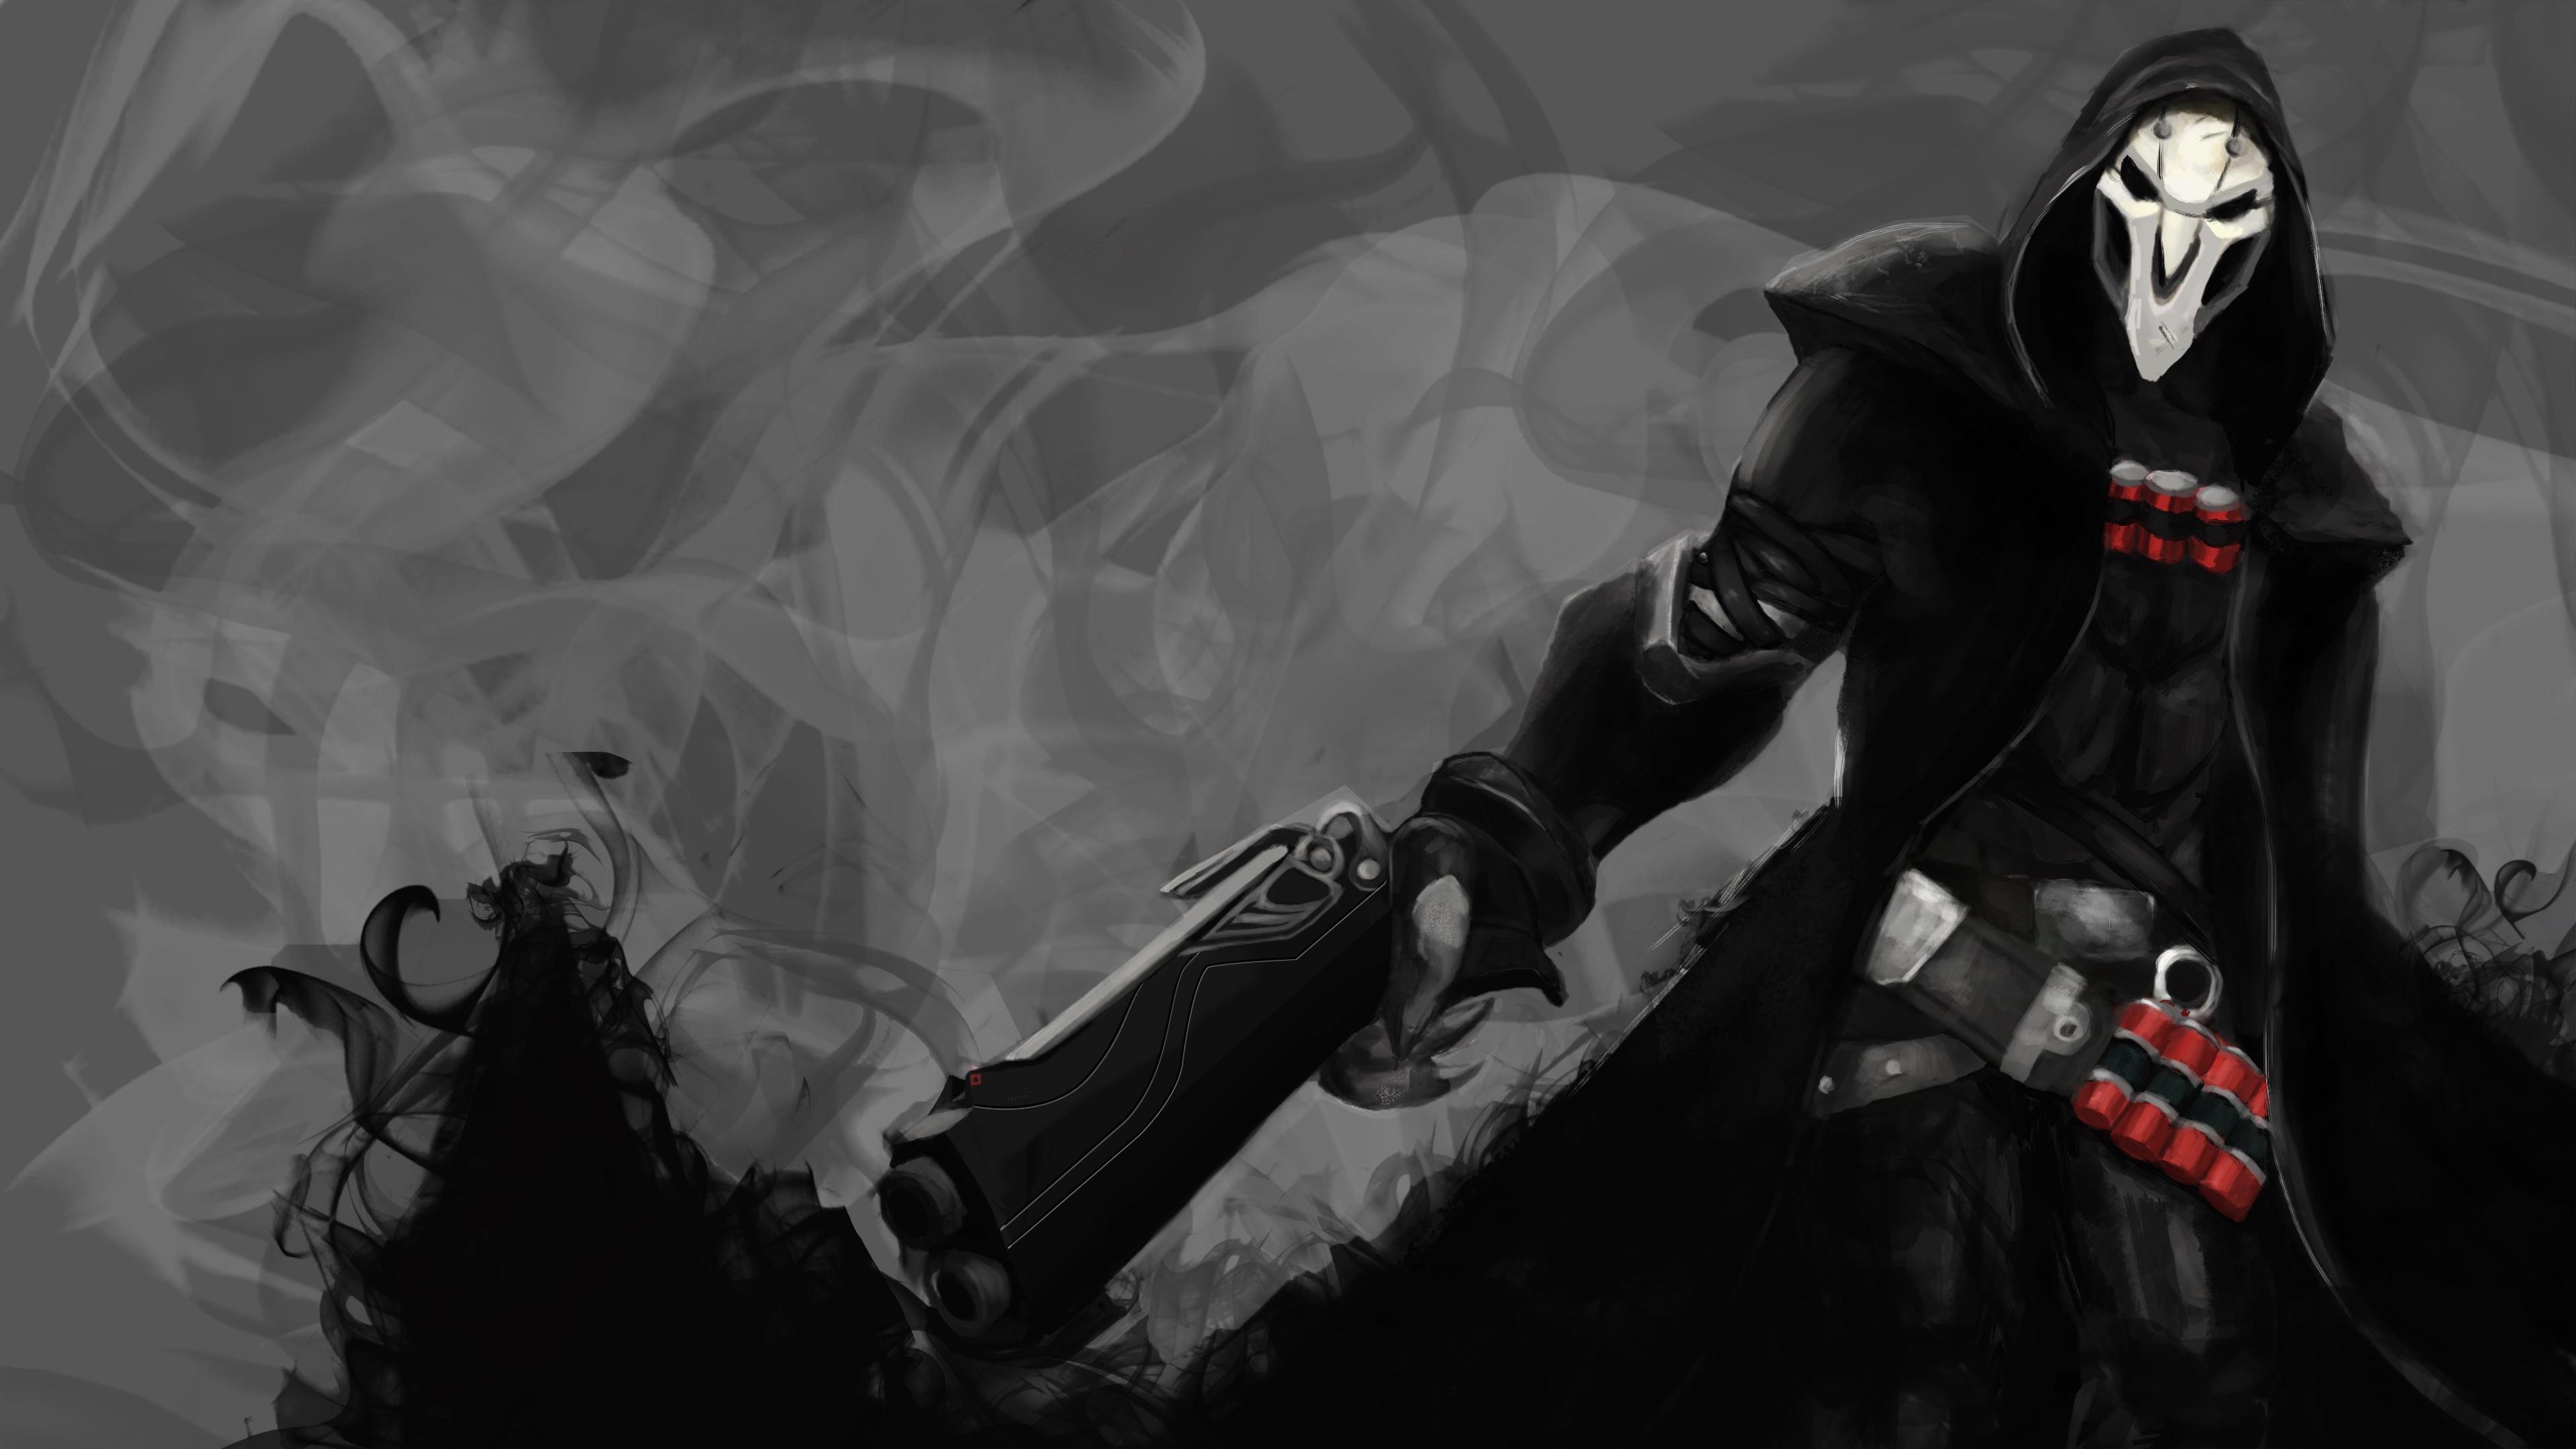 3D Overwatch Reaper Wallpaper Render   3D &- Programming: Cameron ...